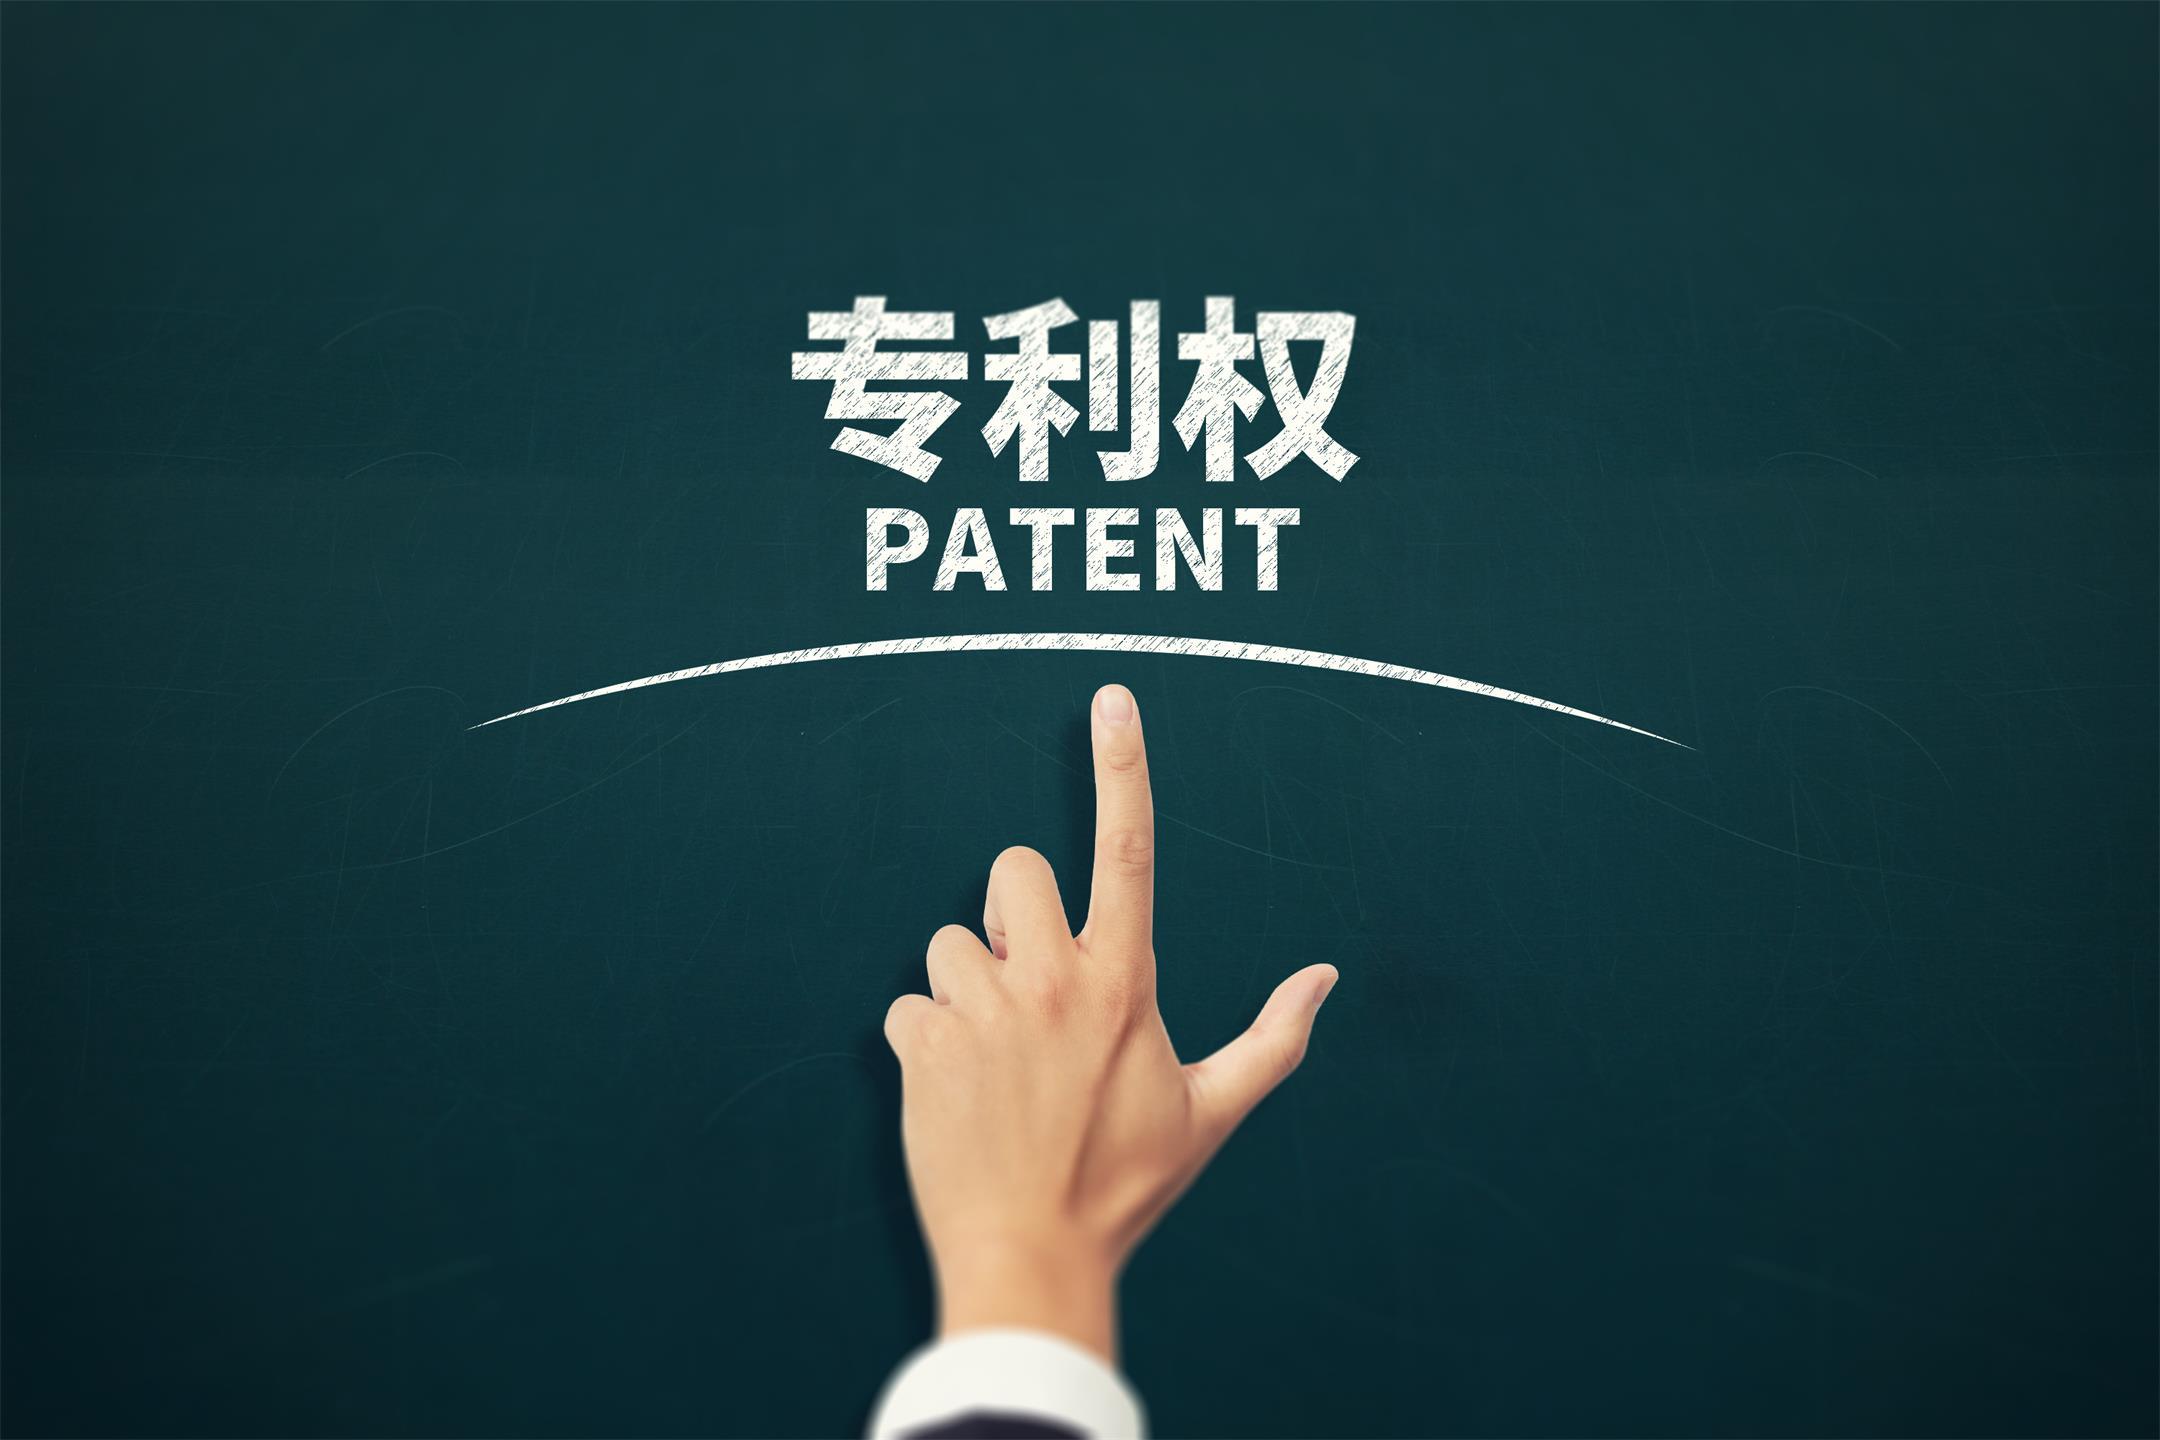 上海纳诺巴伯又新增一项国家发明專利!